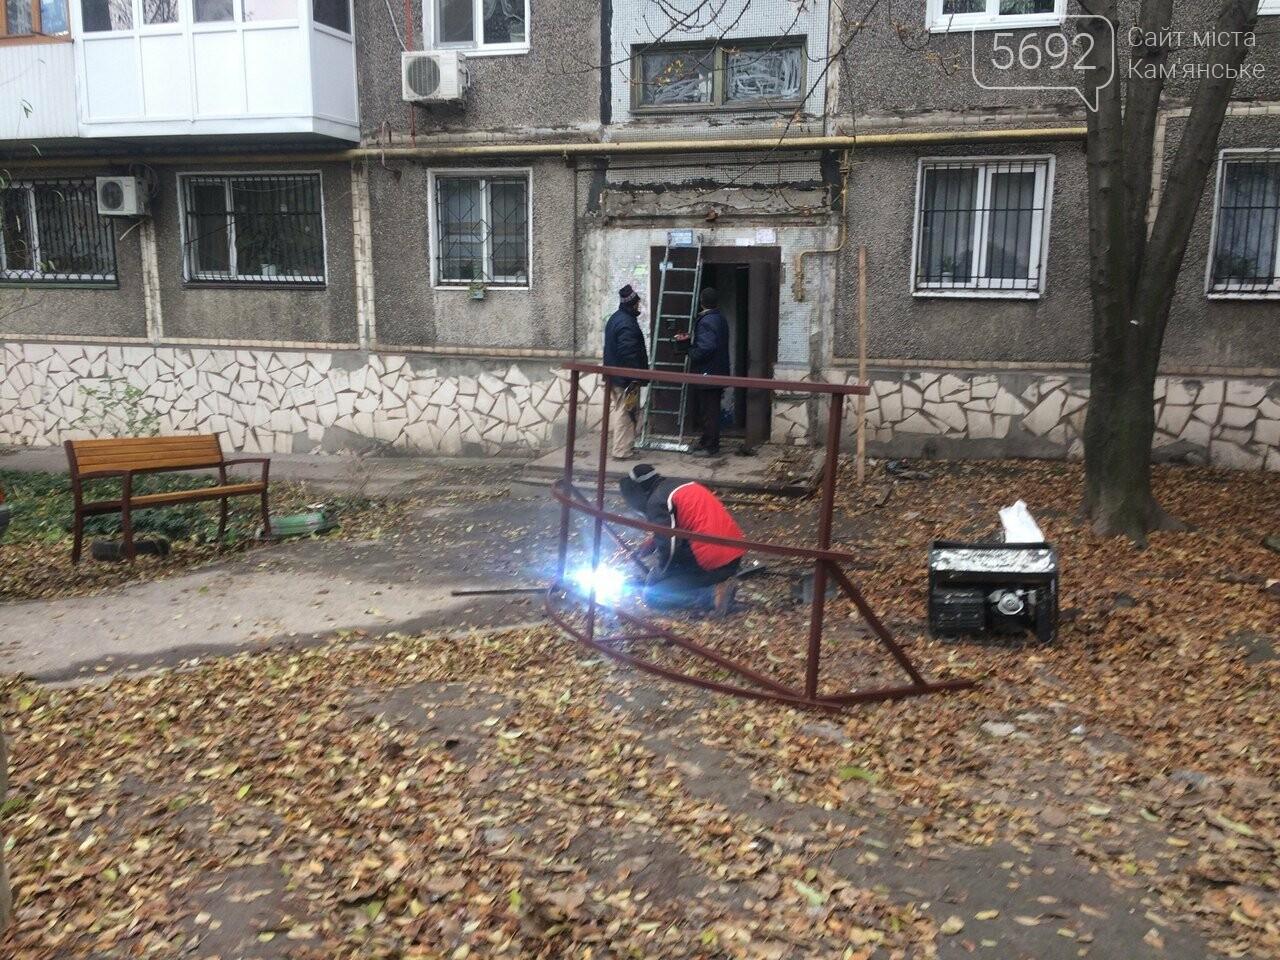 На ул. 8 Марта в Каменском установили новый подъездный козырек, фото-1